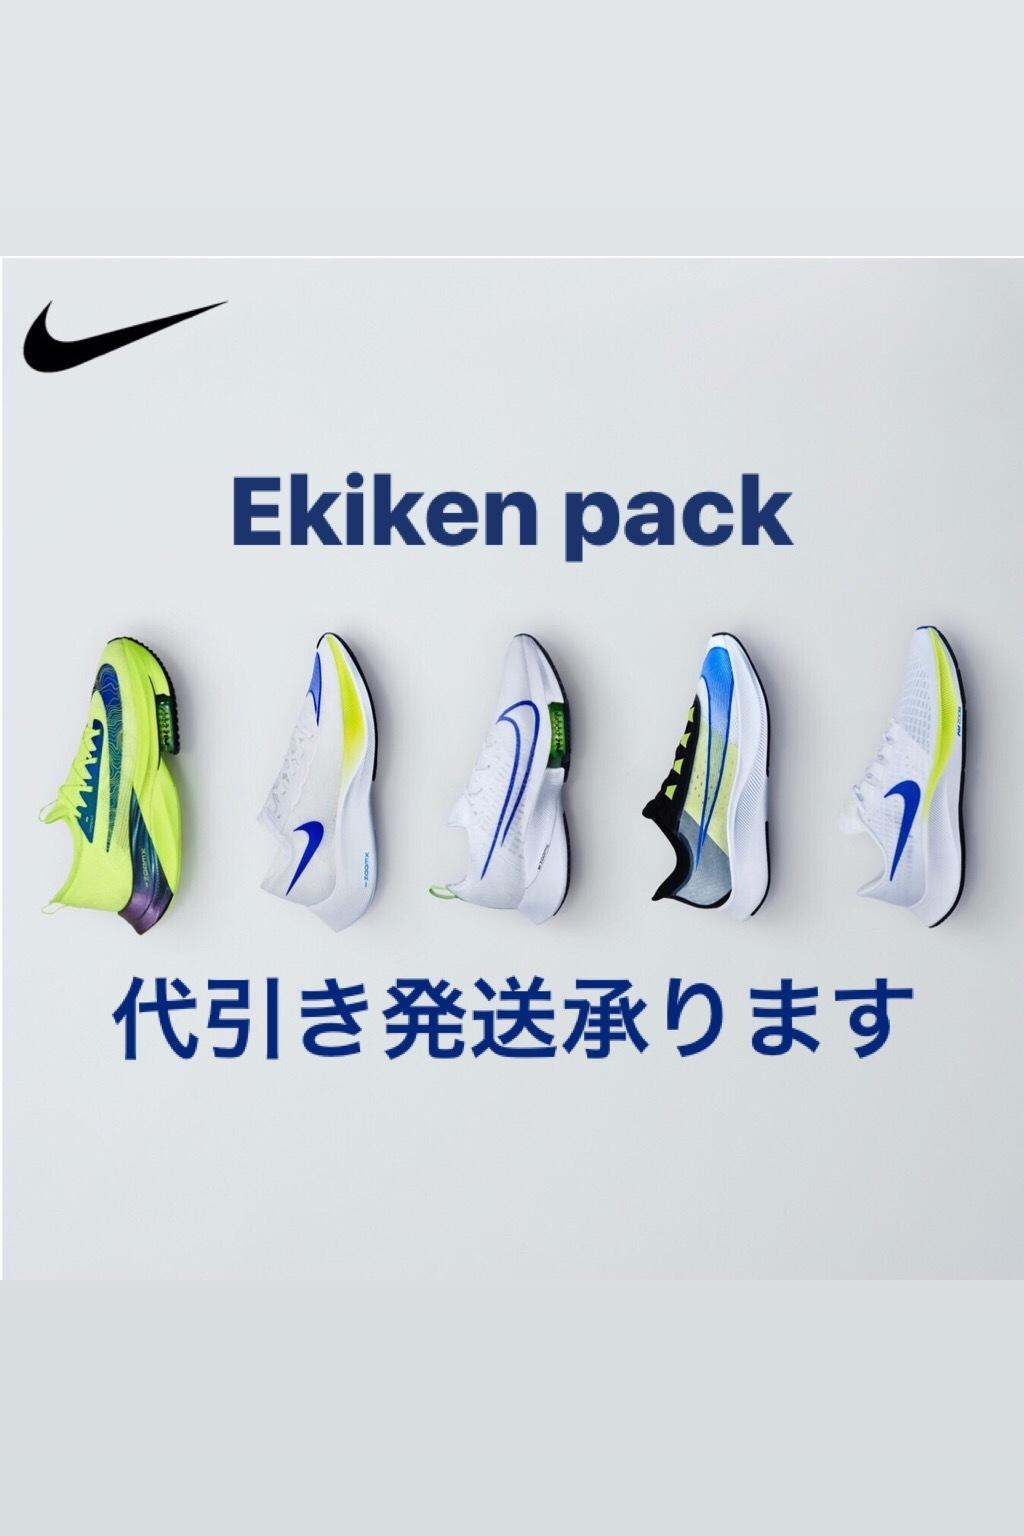 エキデンパック!! 日本国内のみ代引き発送を承ります。_f0164328_17233081.jpg